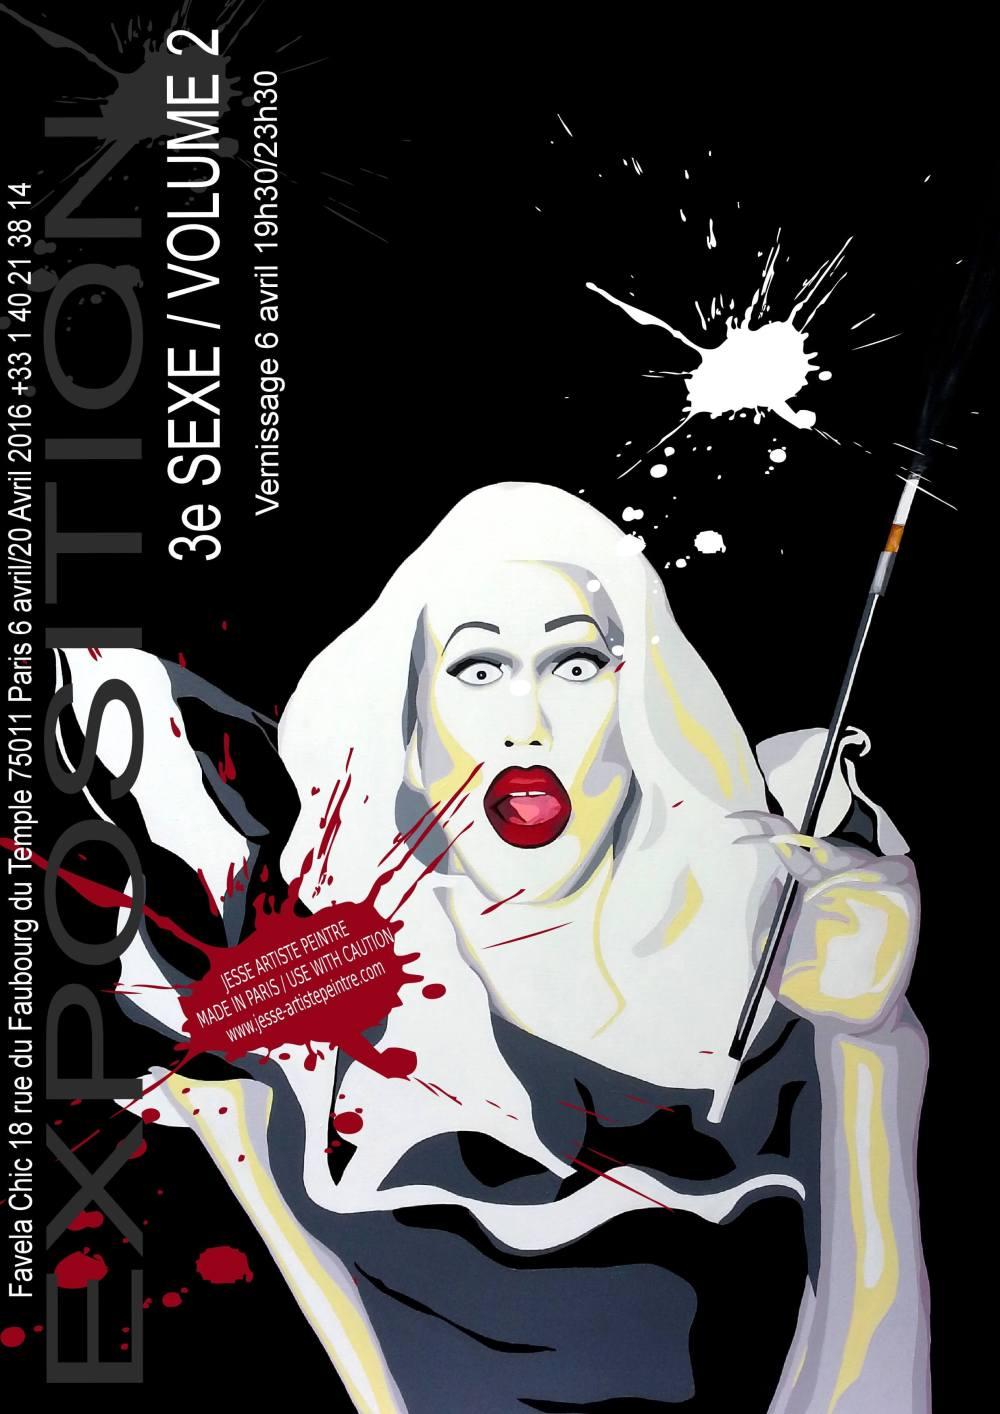 rpdr, rupaul, drag queen, 3e sexe, sharon needles, favela chic, exposition, exhibition, paris